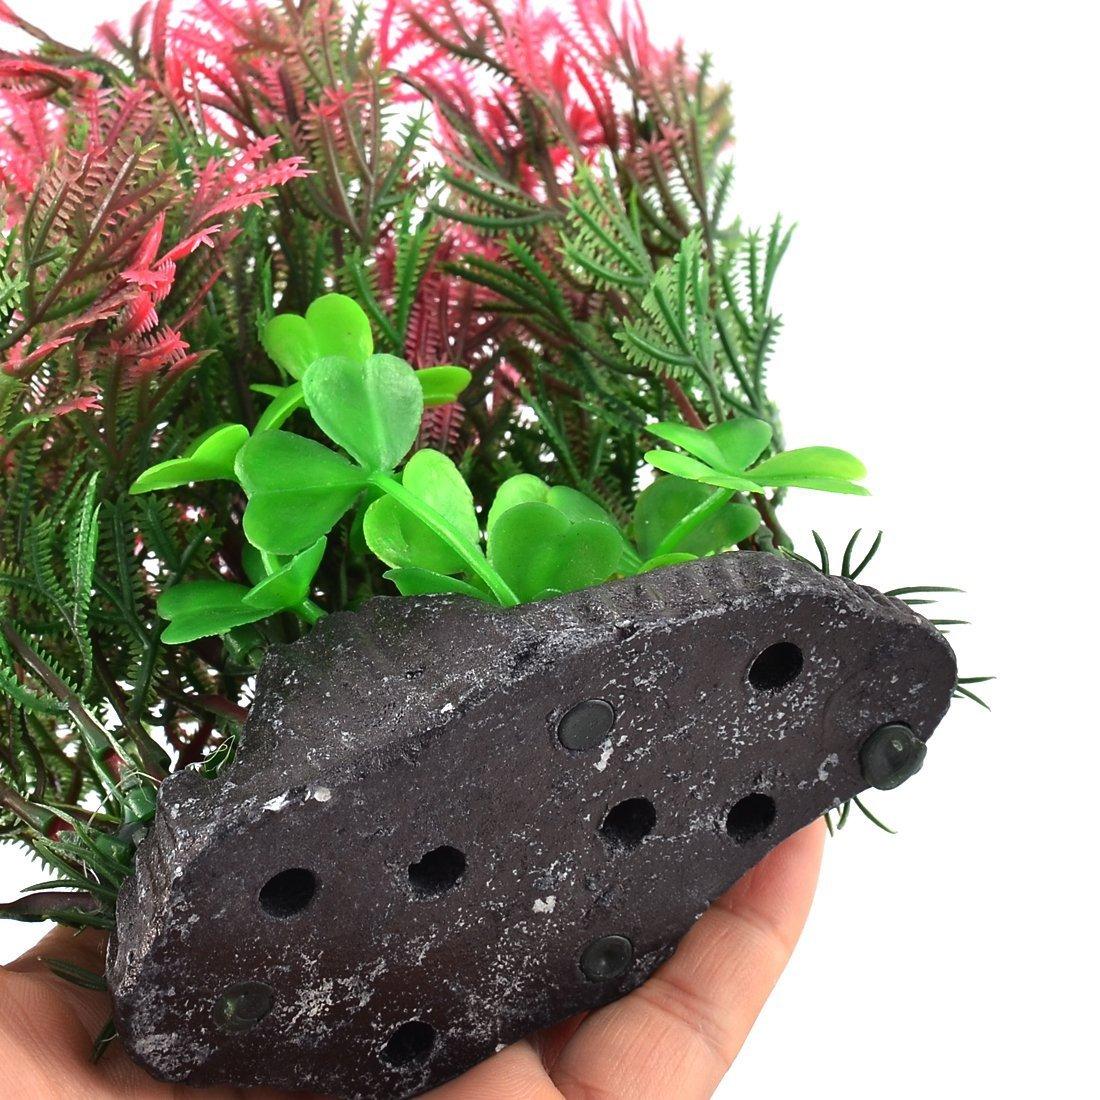 Amazon.com : eDealMax acuario plástico del tanque de pescados de la decoración del ornamento Artificial de la planta de agua falso Hierba Azul Rojo : Pet ...